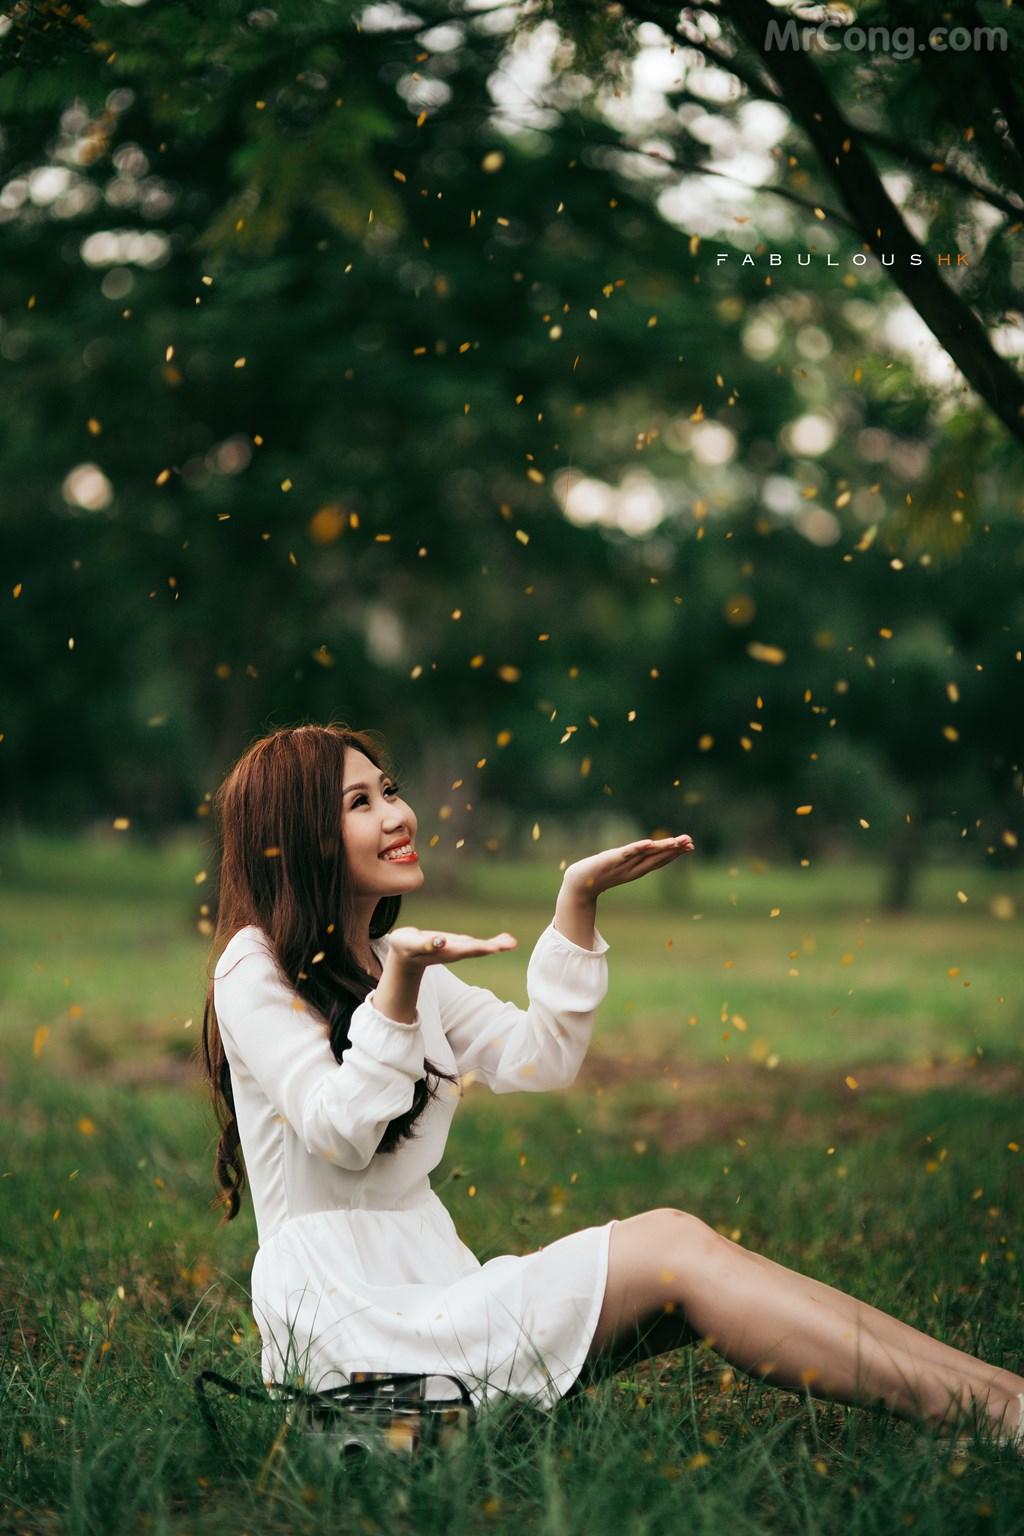 Image Girl-Xinh-Viet-Nam-by-Khanh-Hoang-MrCong.com-005 in post Tổng hợp ảnh girl xinh Việt Nam chất lượng cao – Phần 29 (314 ảnh)